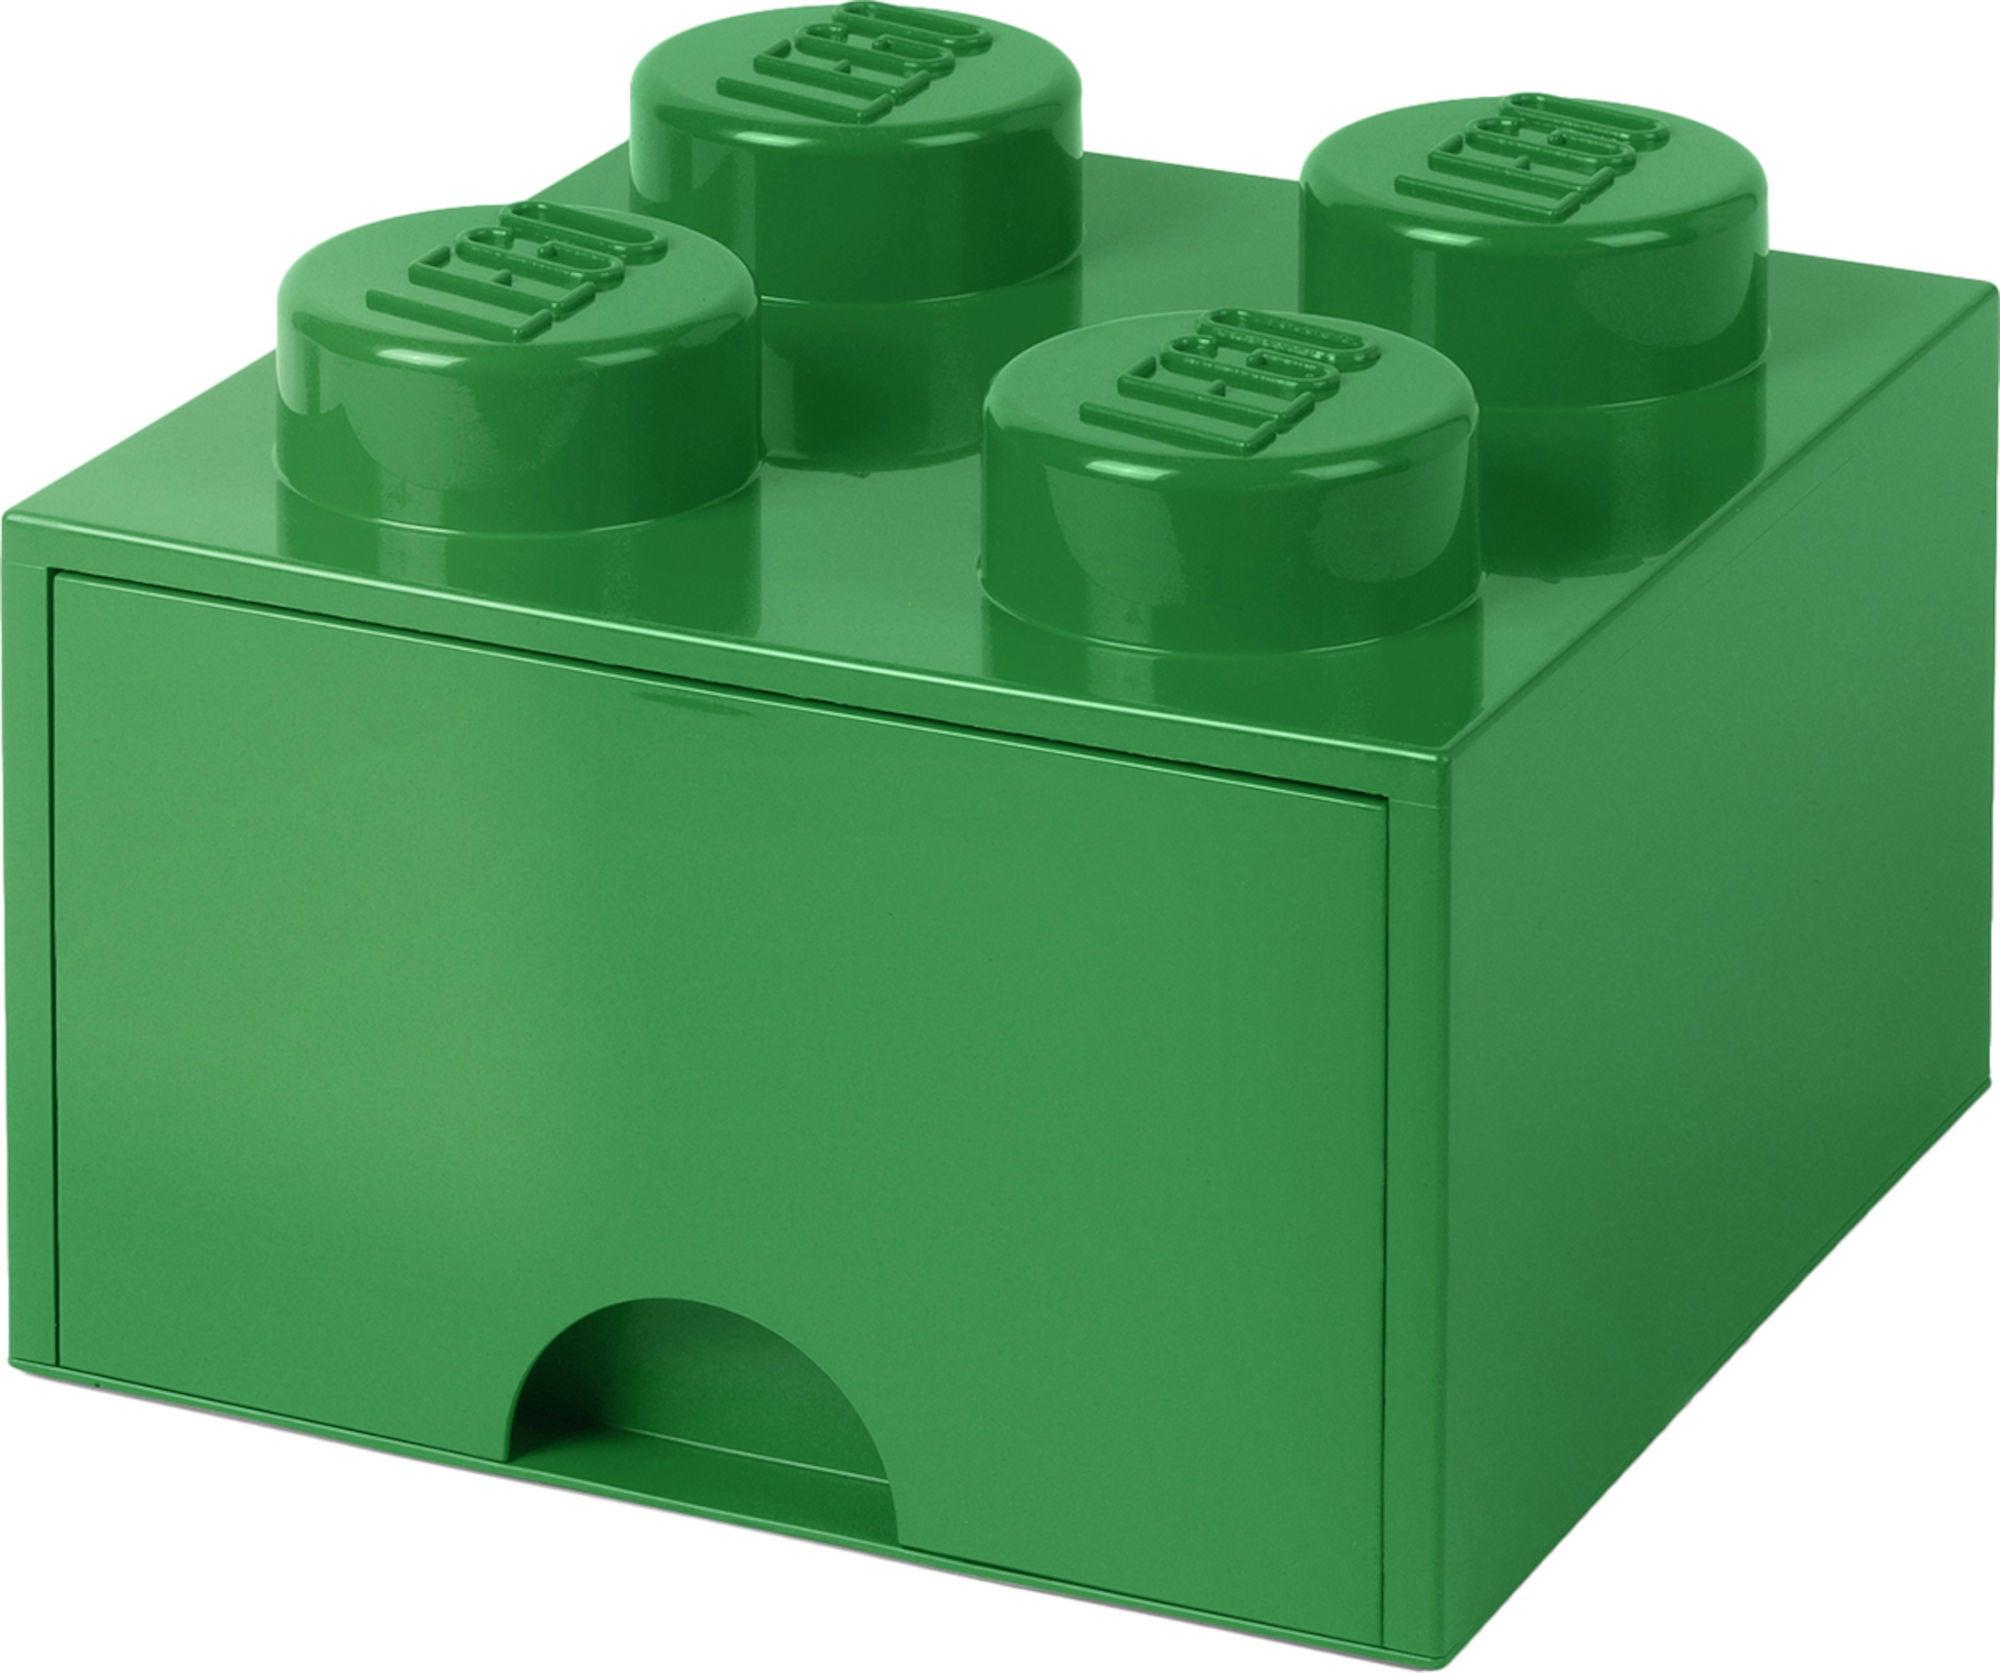 LEGO Förvaring med låda 4, Grön